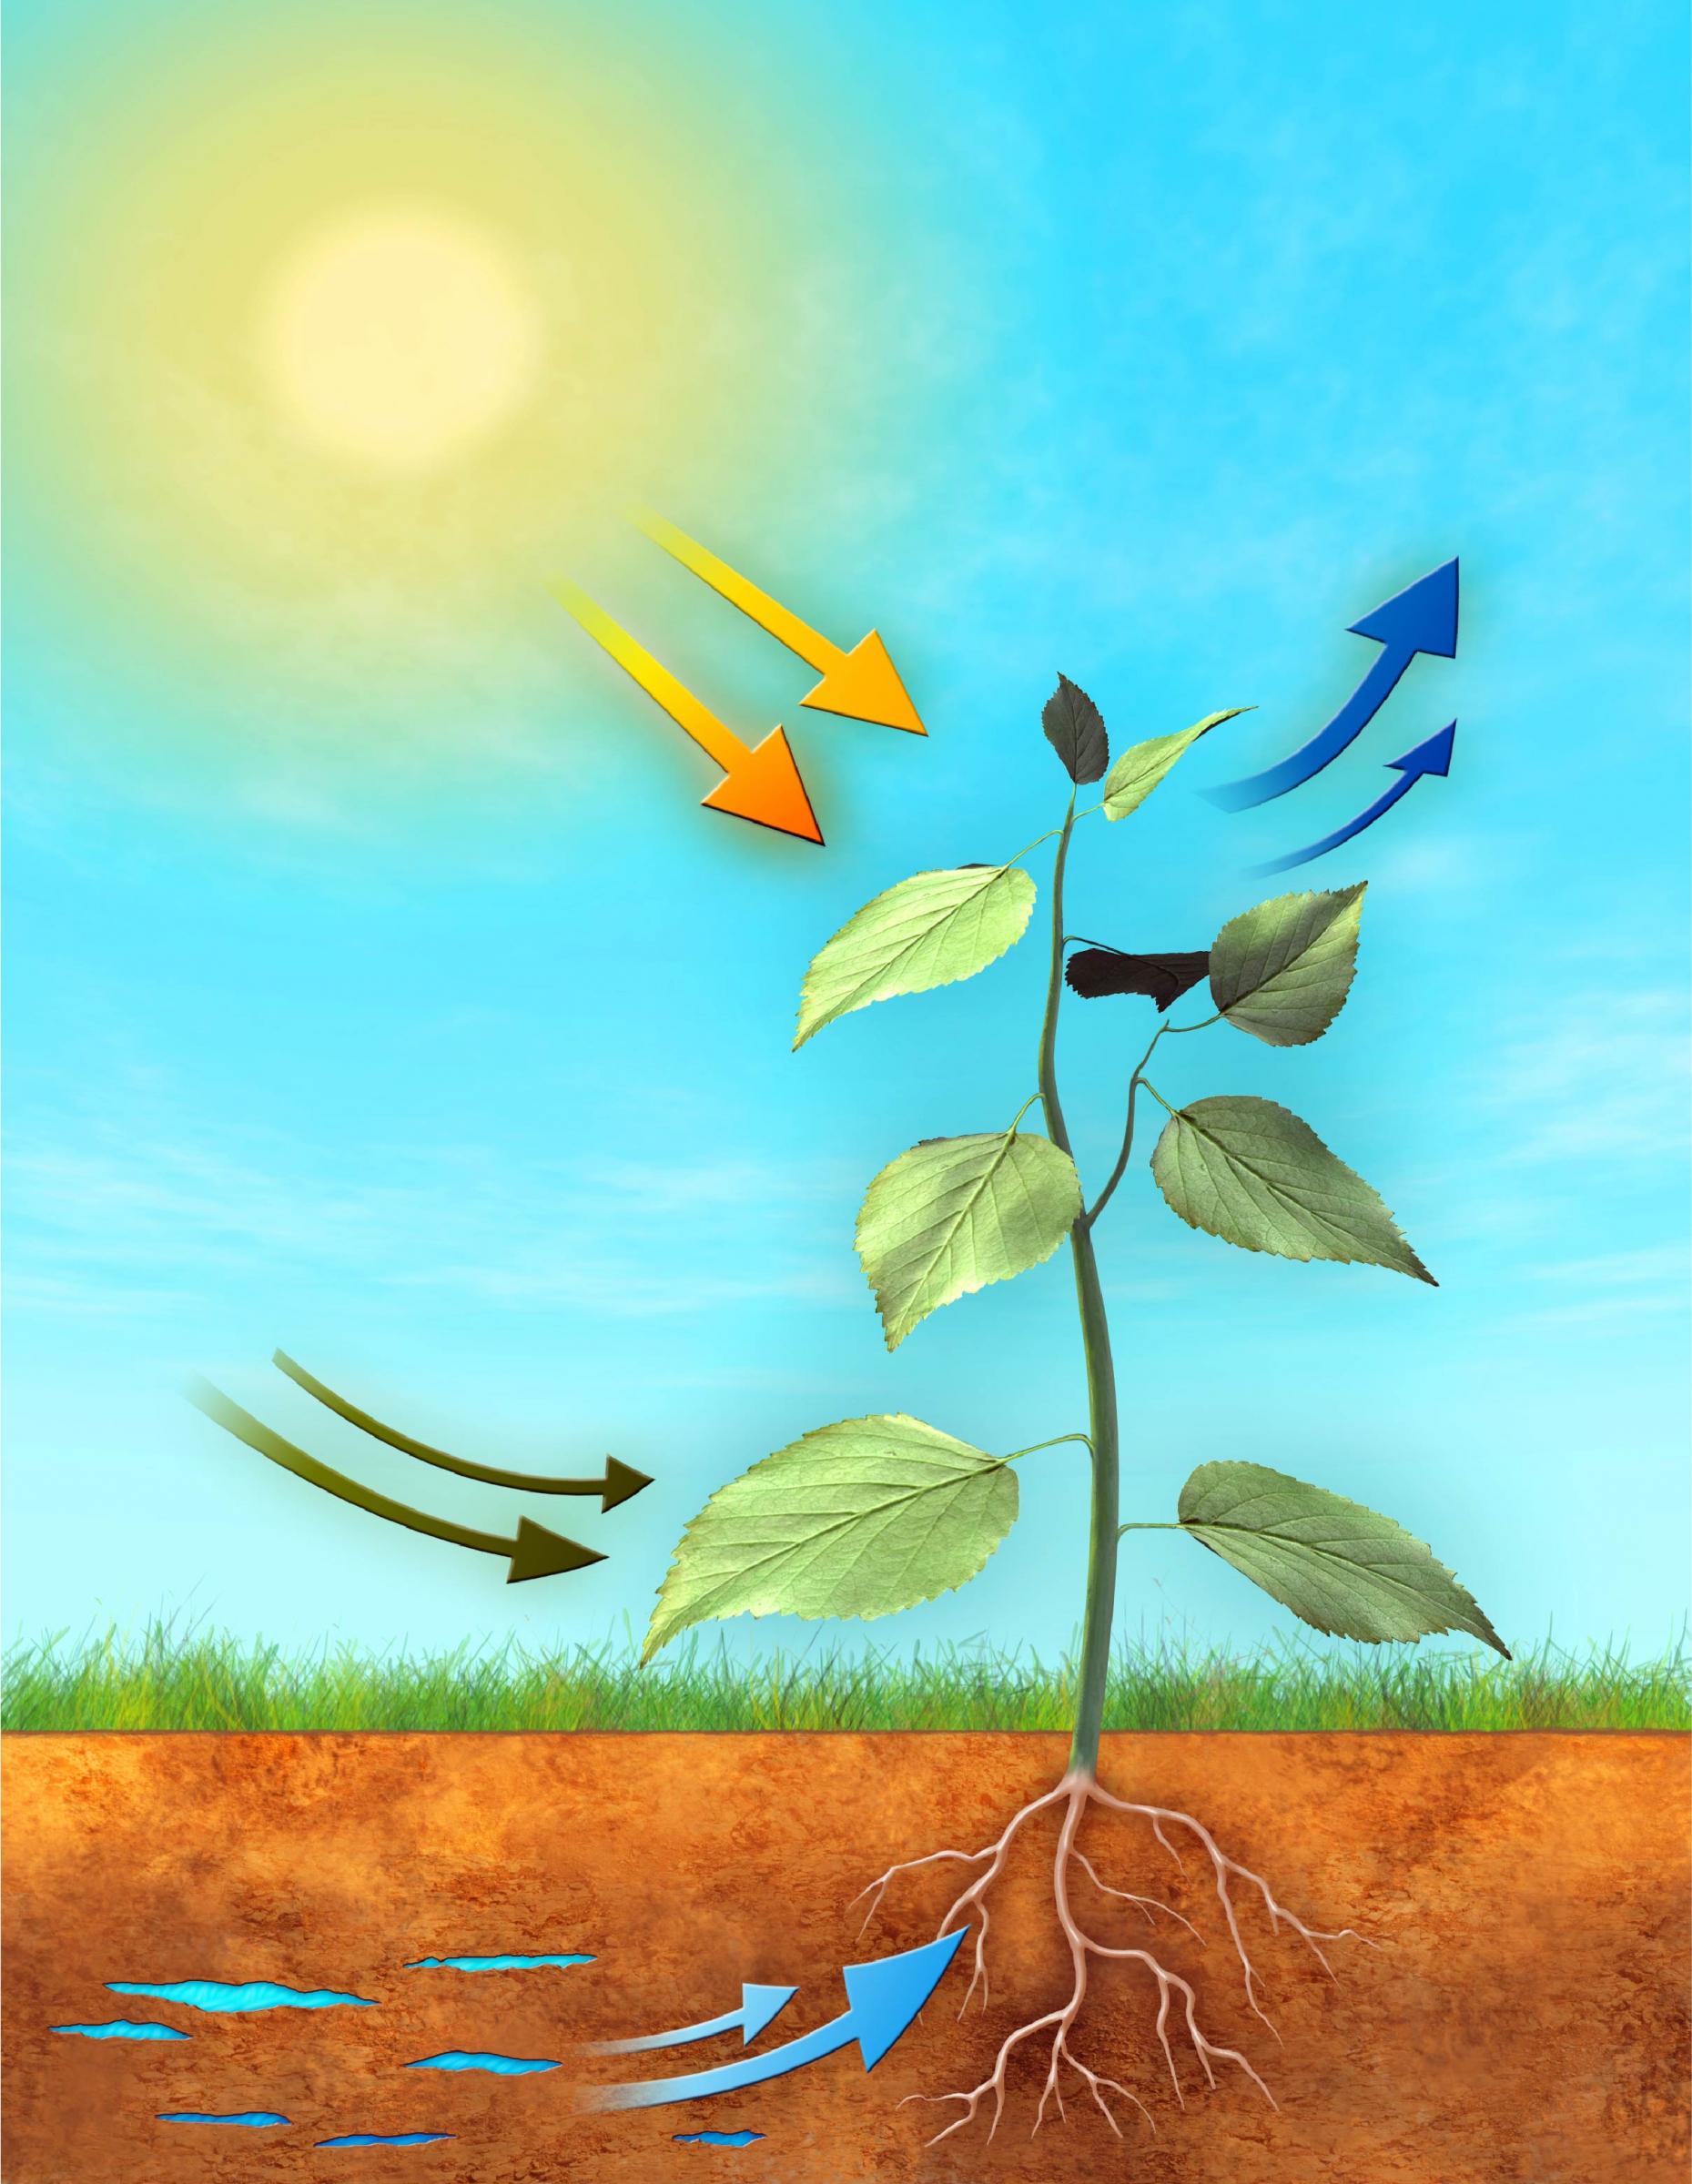 אילוסטרציה של תהליך הפוטוסינתזה, בו העצים קולטים פחמן דו חמצני ופולטים חמצן | Shutterstock, Andrea Danti